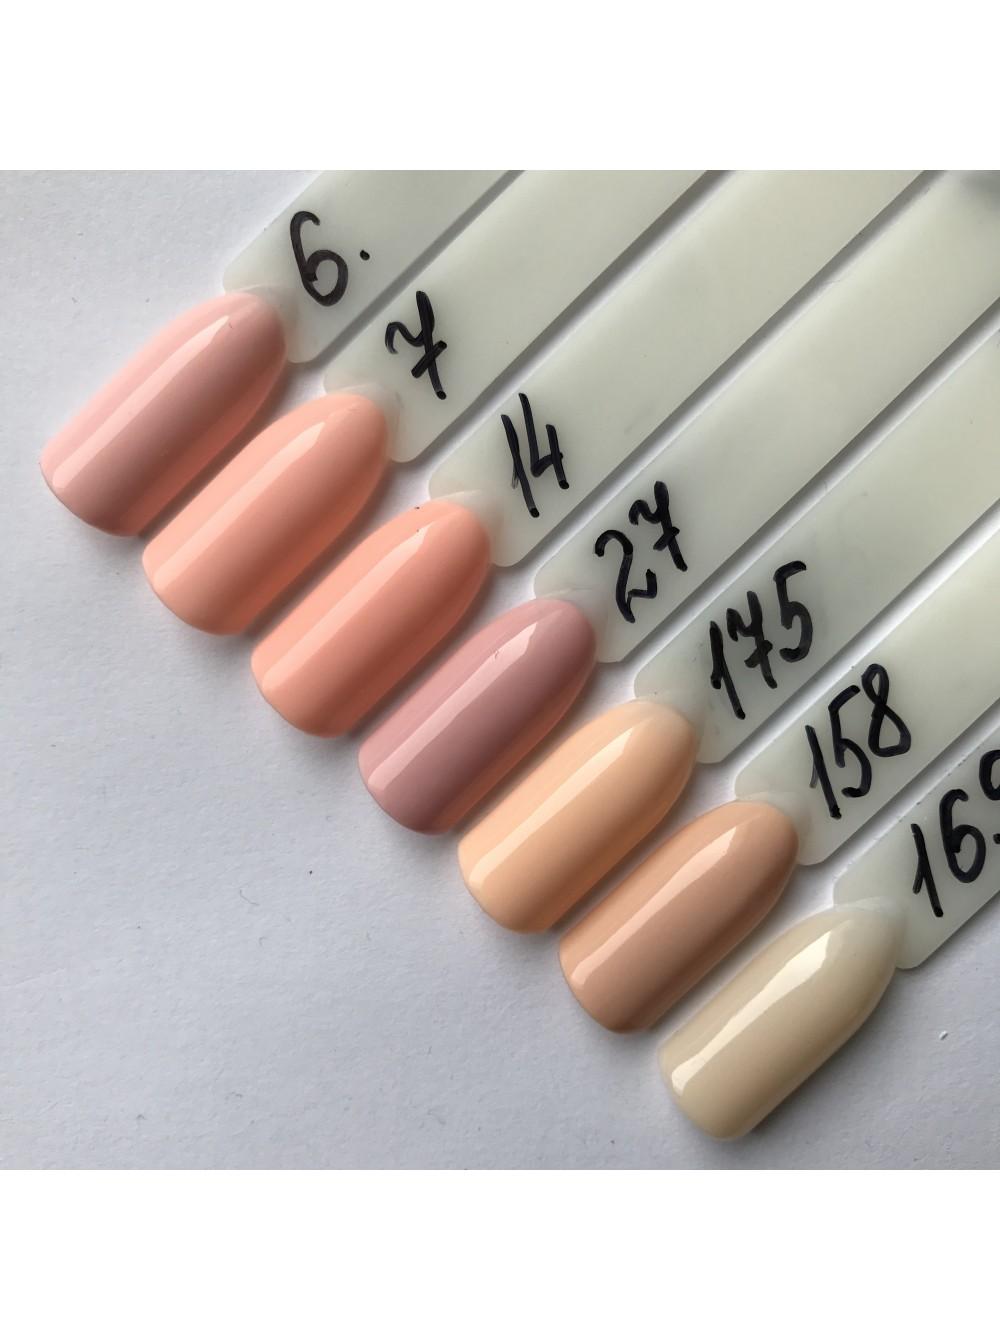 где купить гель для отбеливания зубов аптеках